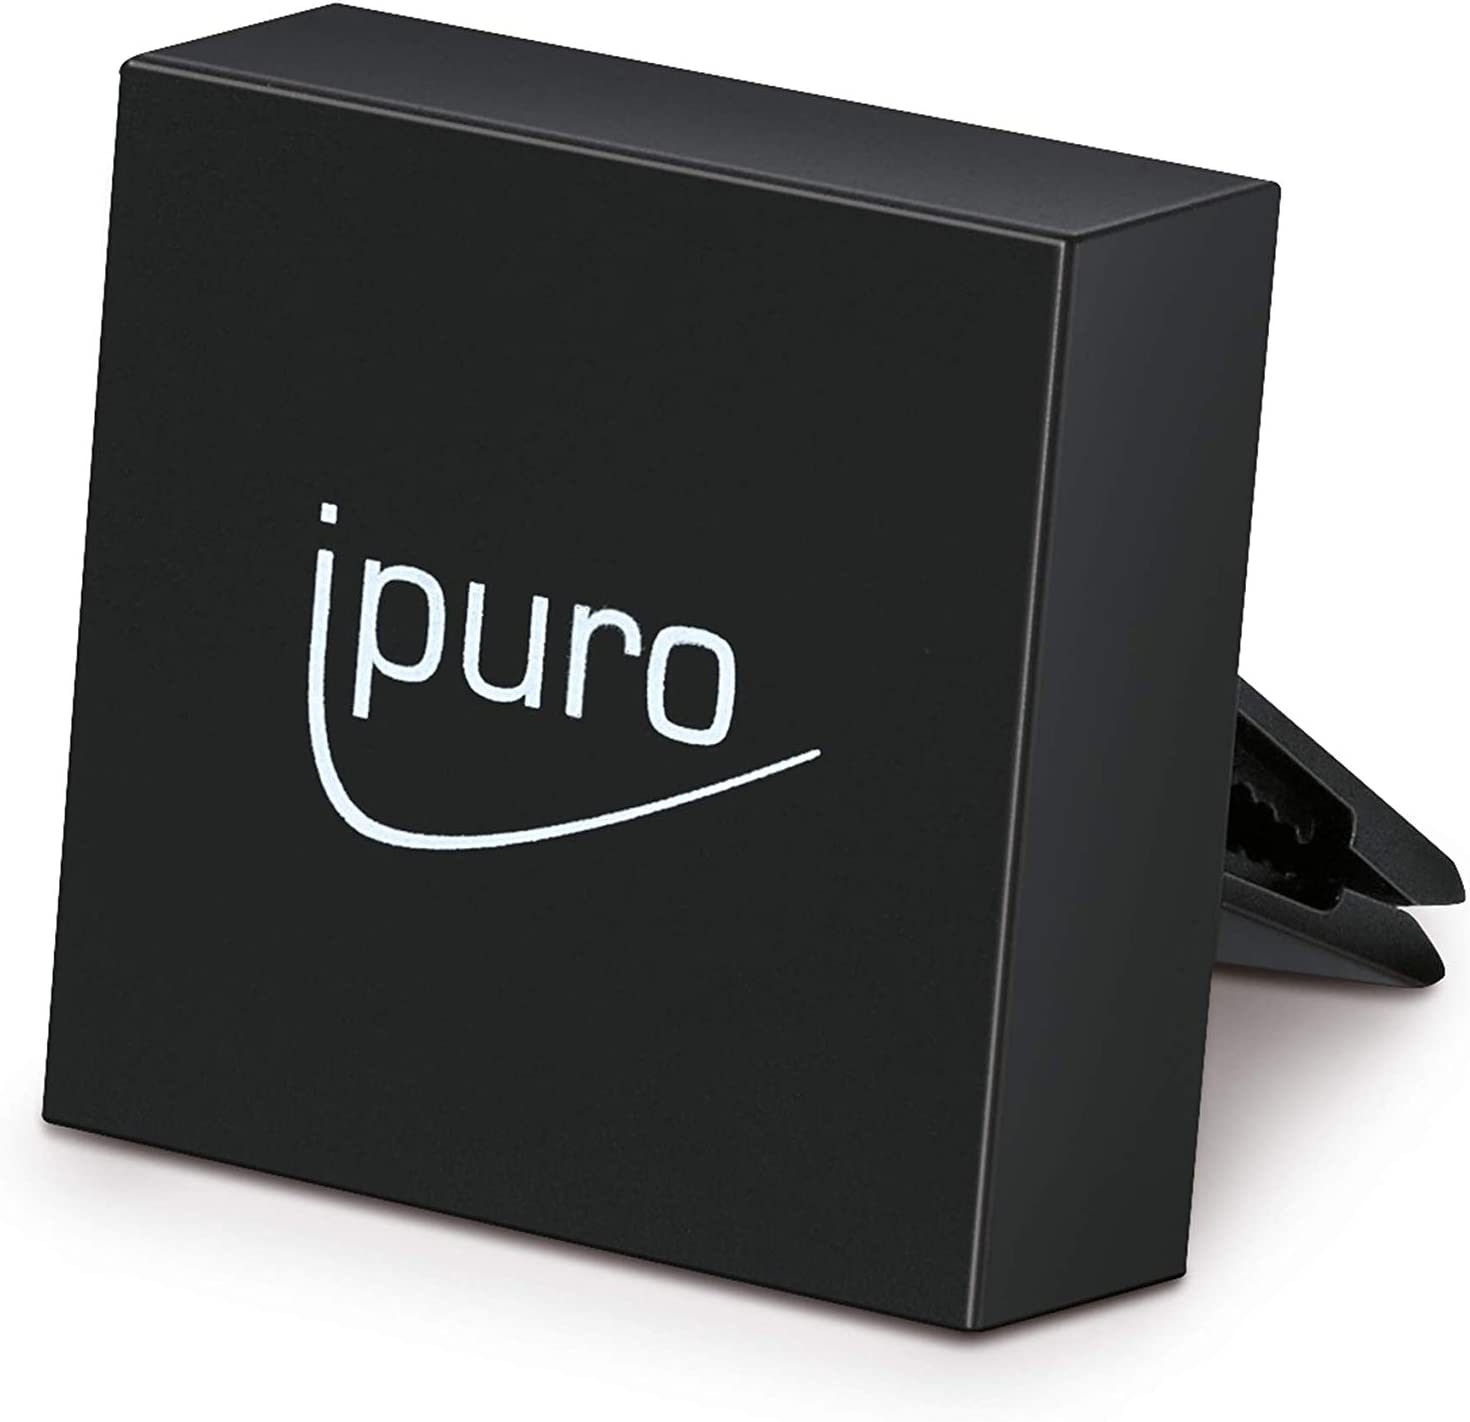 Ipuro Autoduft Car Clip Black Hochwertiger Duftspender Für Ihr Auto Einfache Montage Am Lüftungsgitter Automatische Verteilung Durch Die Lüftung Drogerie Körperpflege